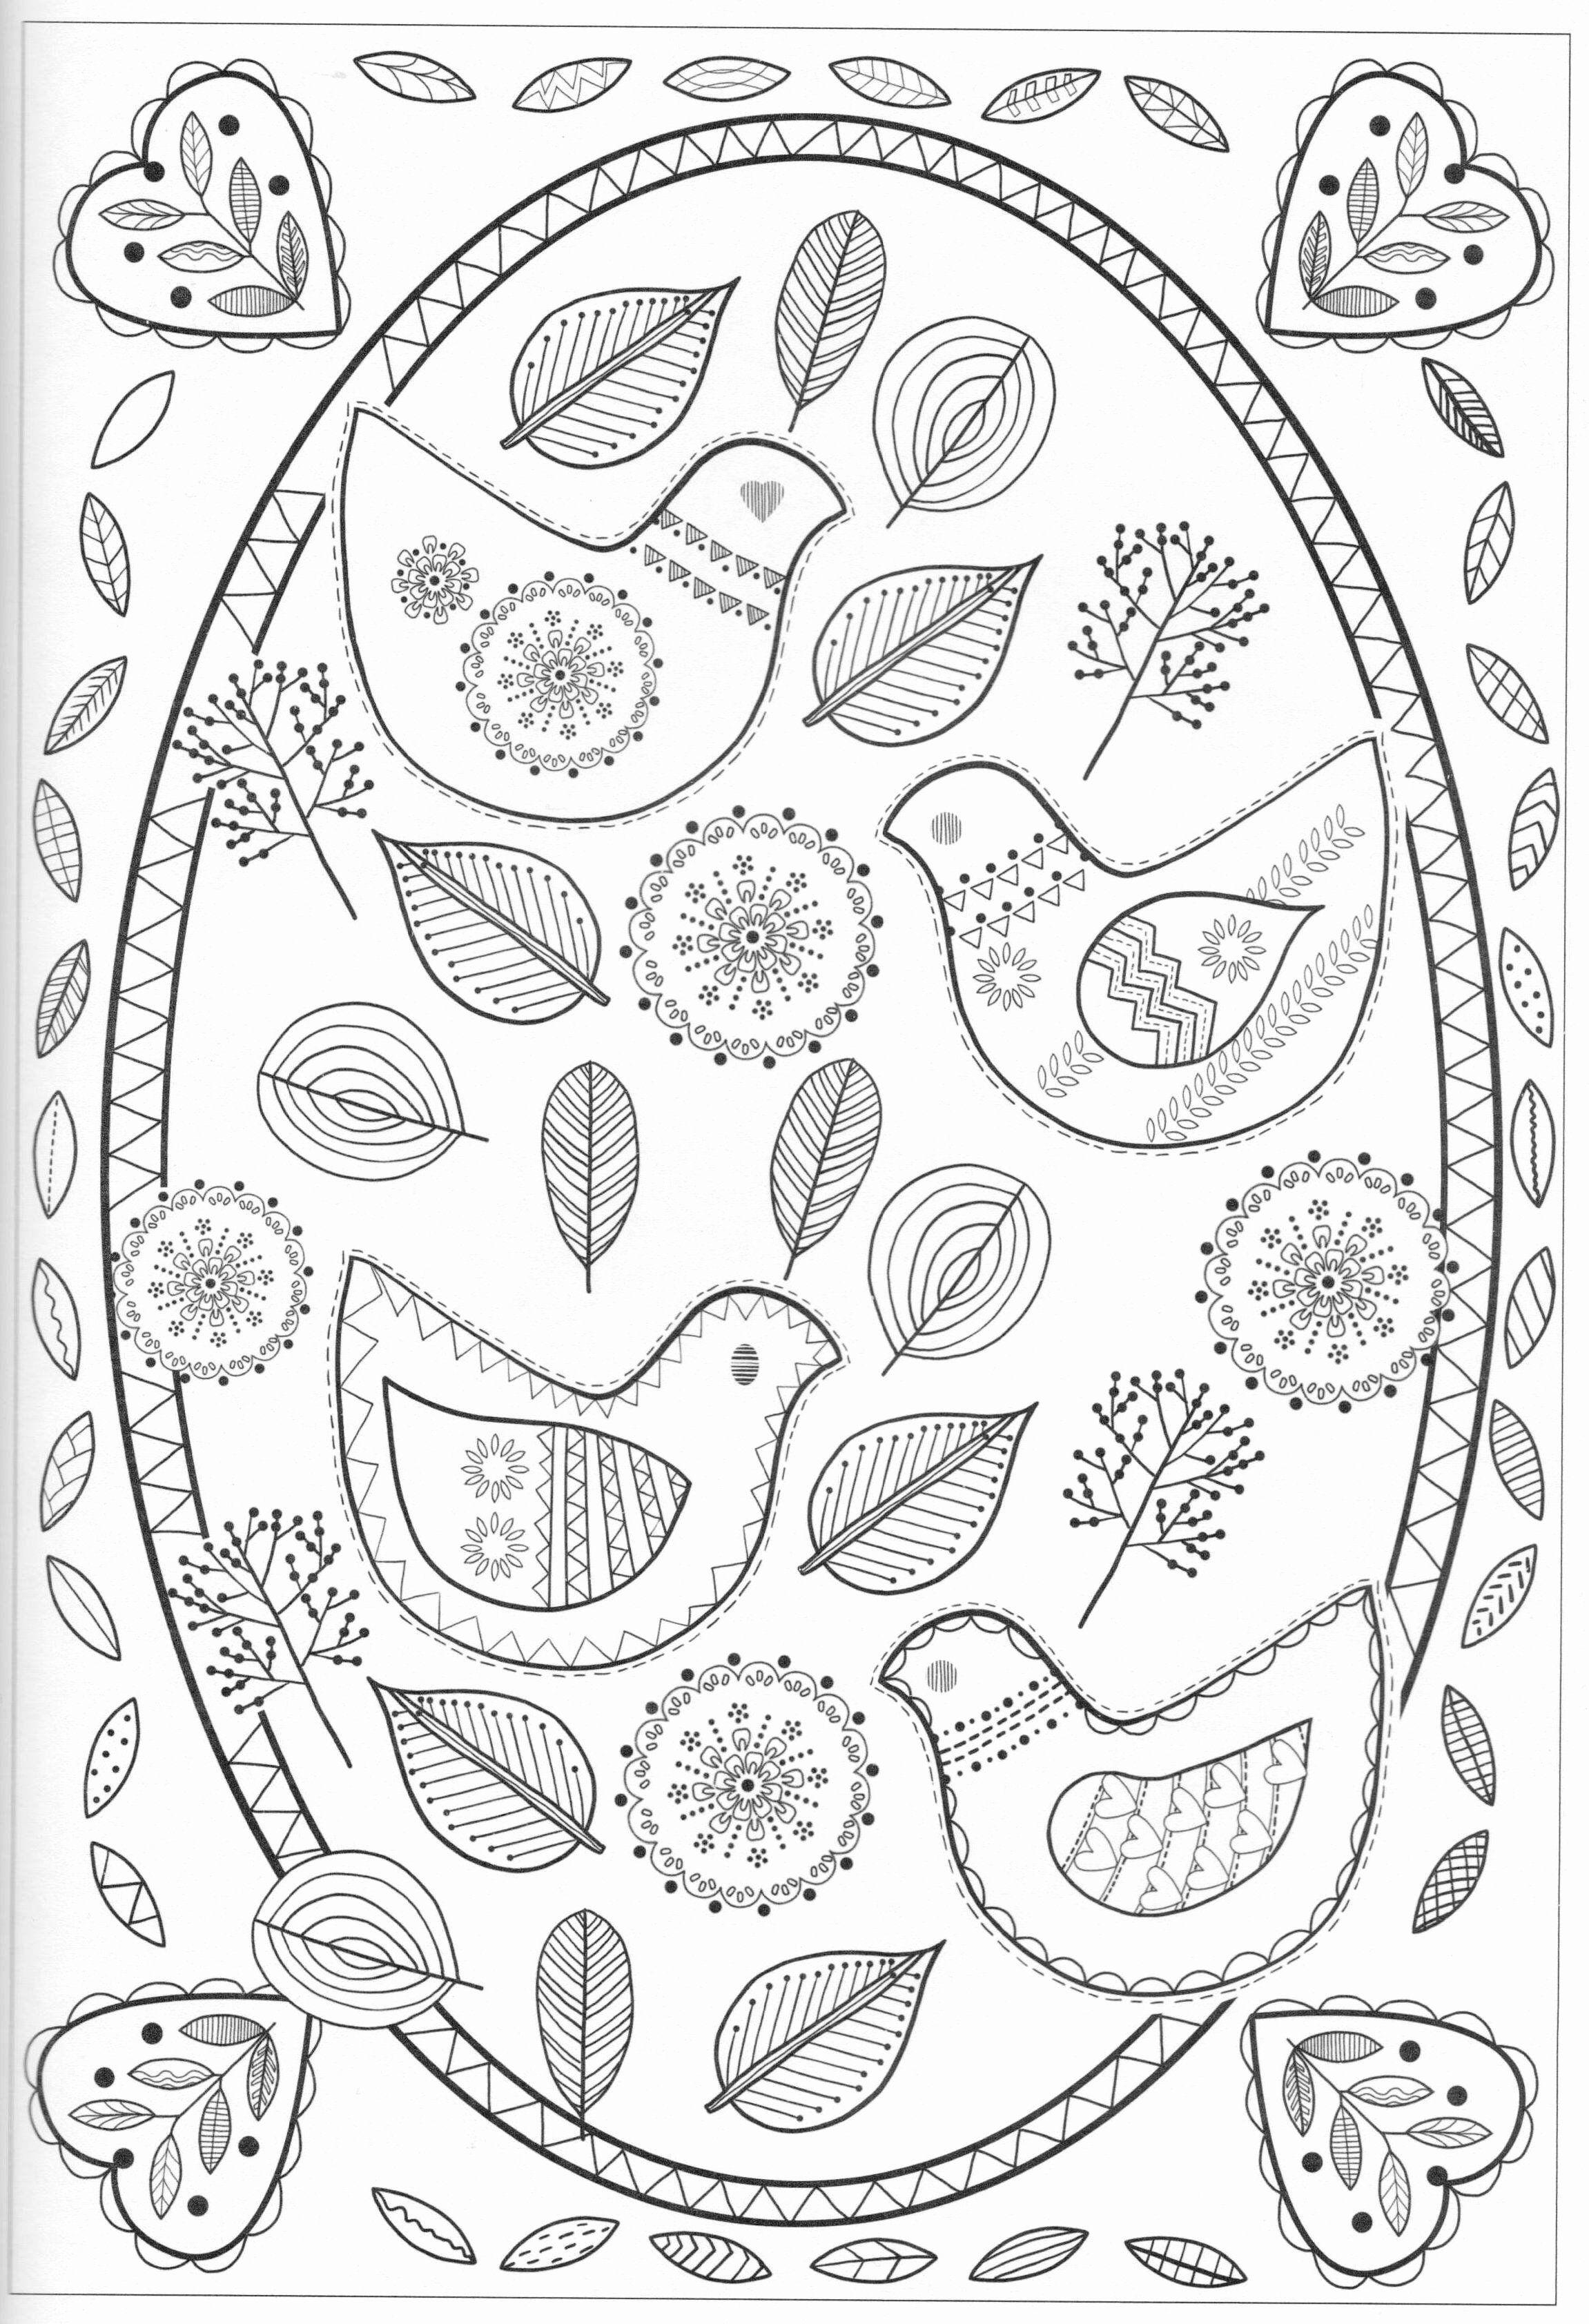 Dover Nature Coloring Book Dibujos Para Colorear Adultos Paginas Para Colorear Paginas Para Colorear De Flores